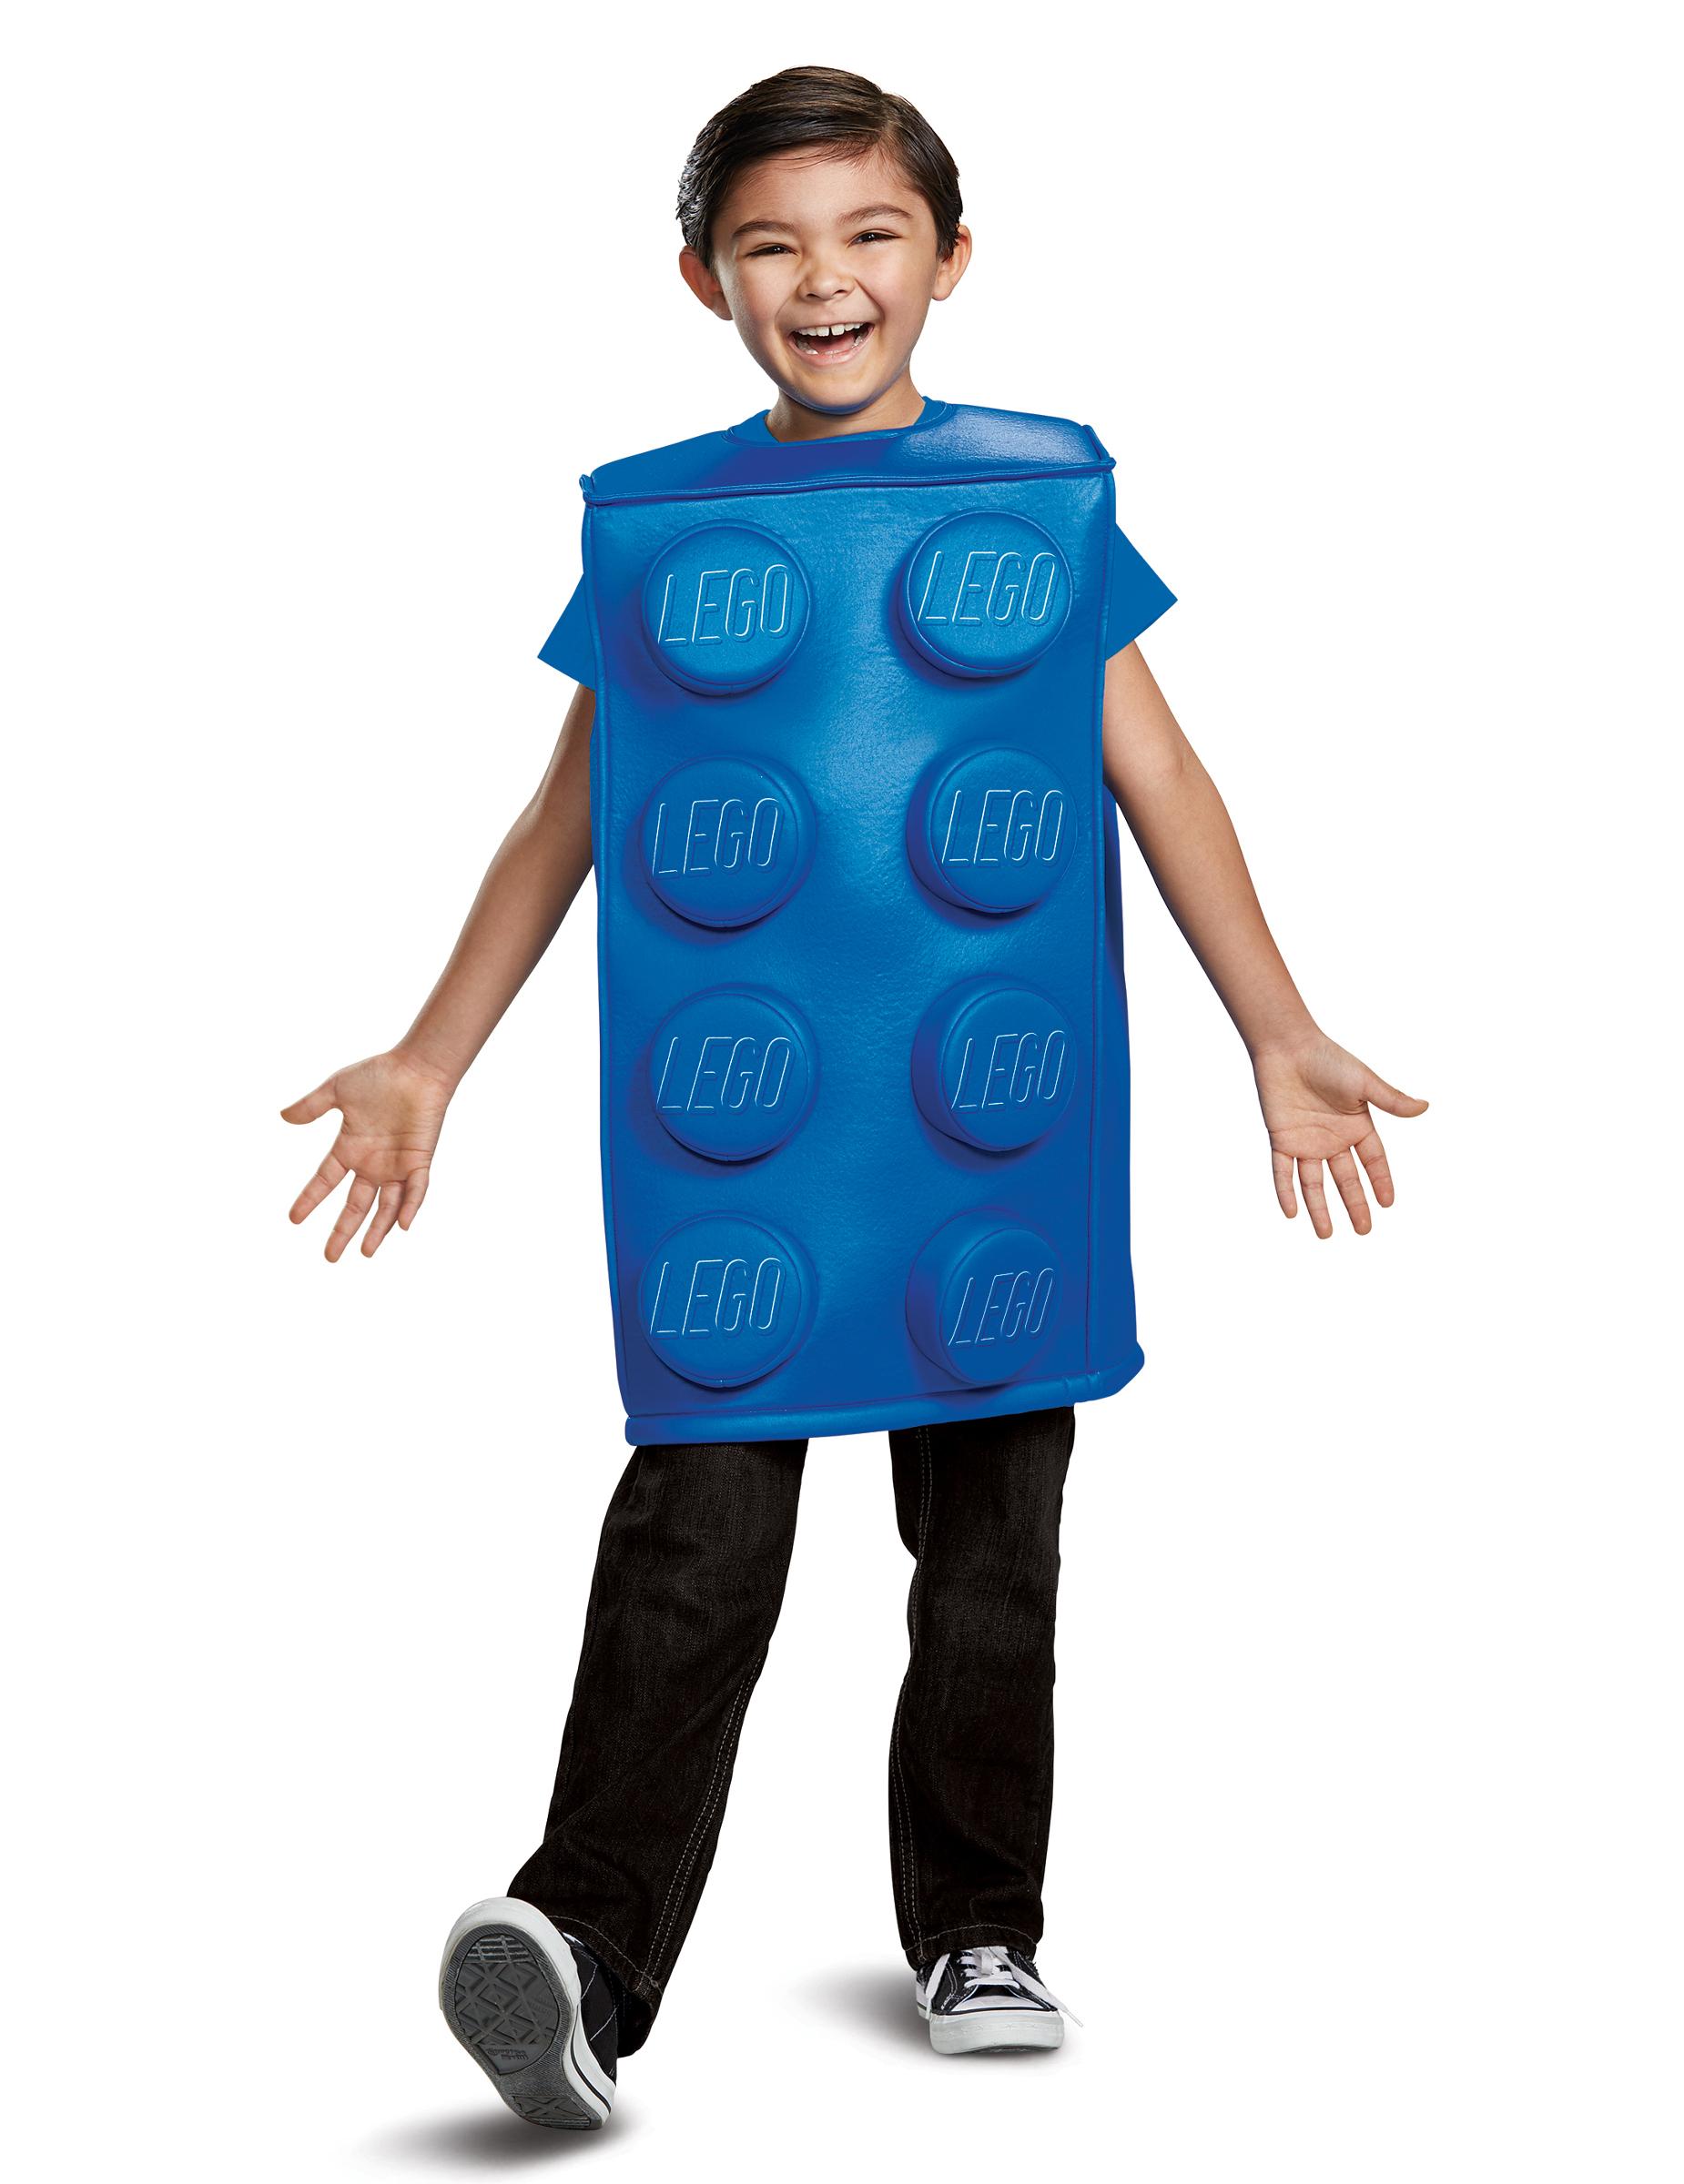 bd9217c6 Disfraz pieza de Lego azul niño: Disfraces niños,y disfraces ...